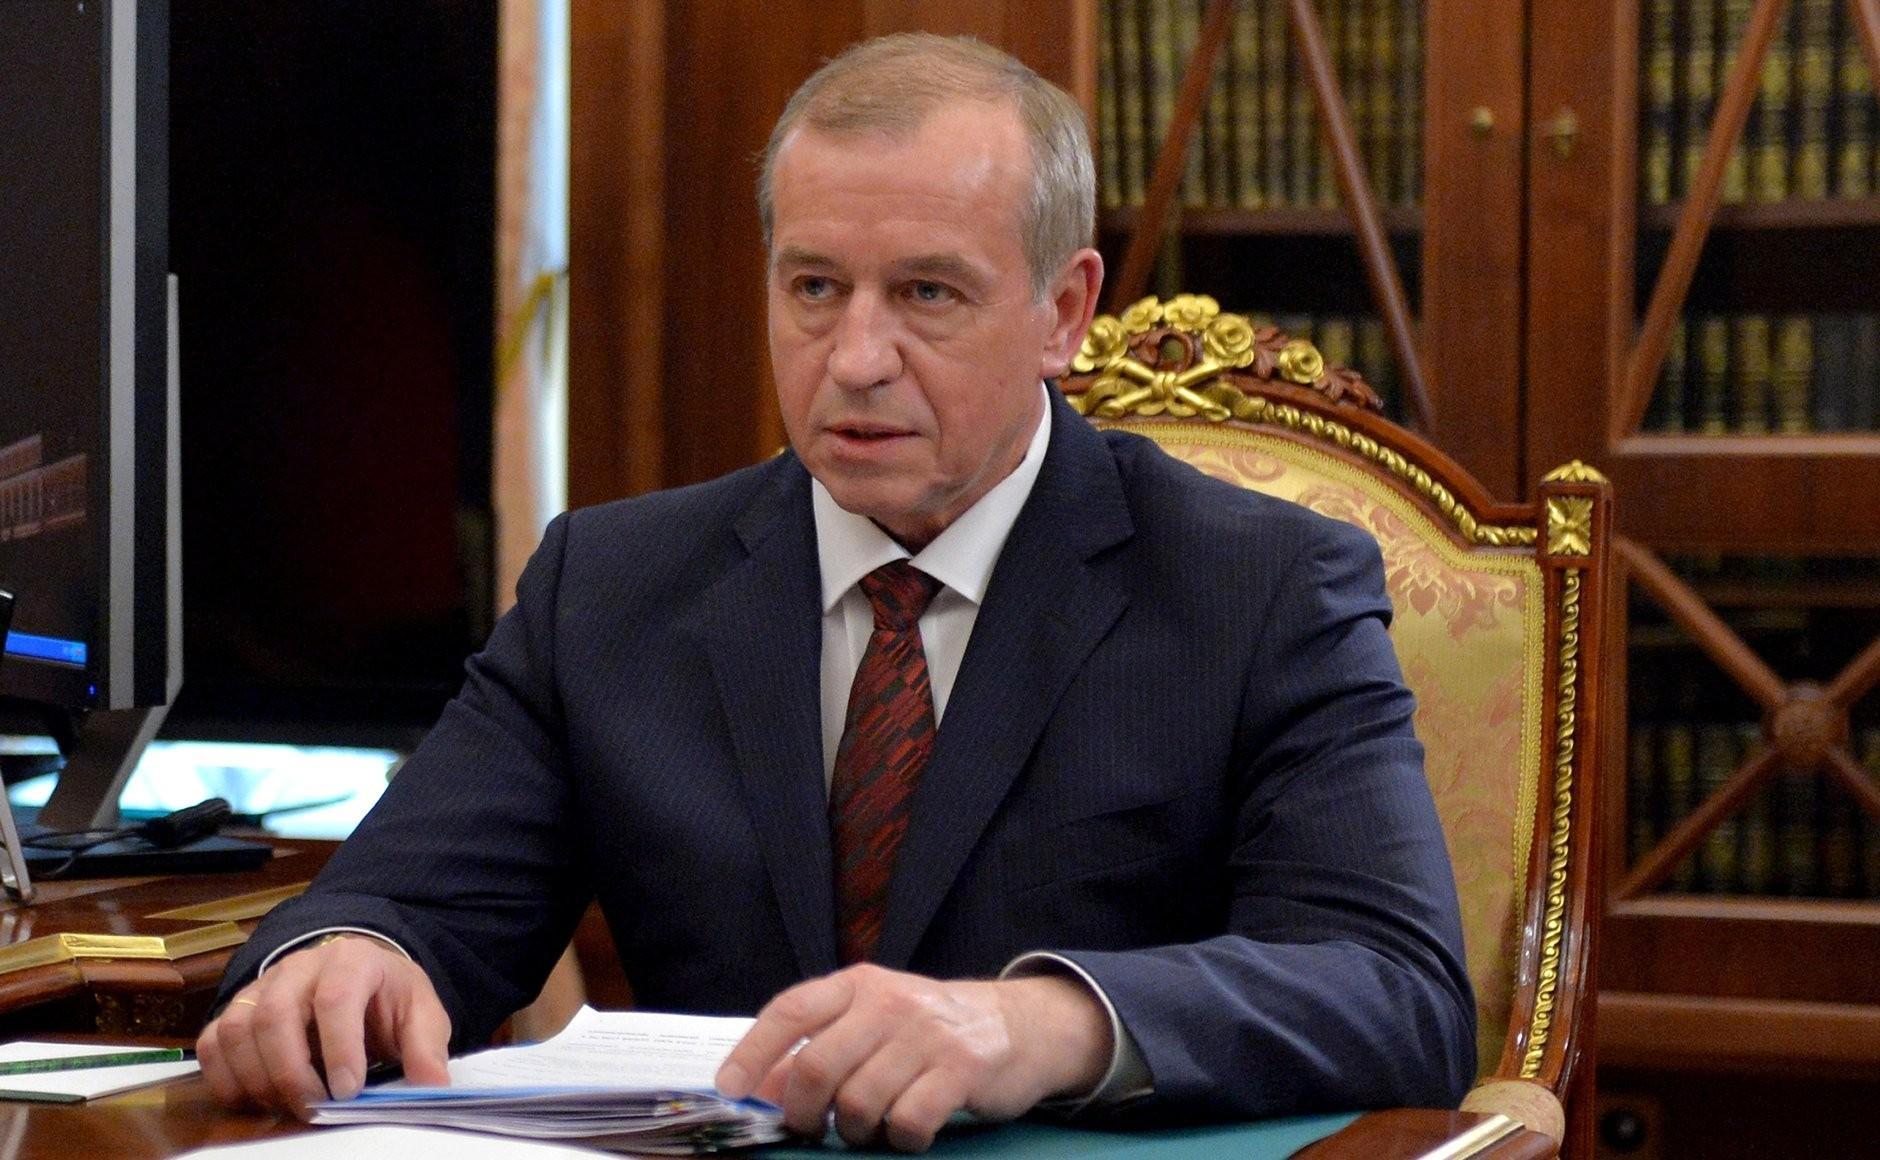 Бывший губернатор Сергей Левченко. Фото © Kremlin.ru